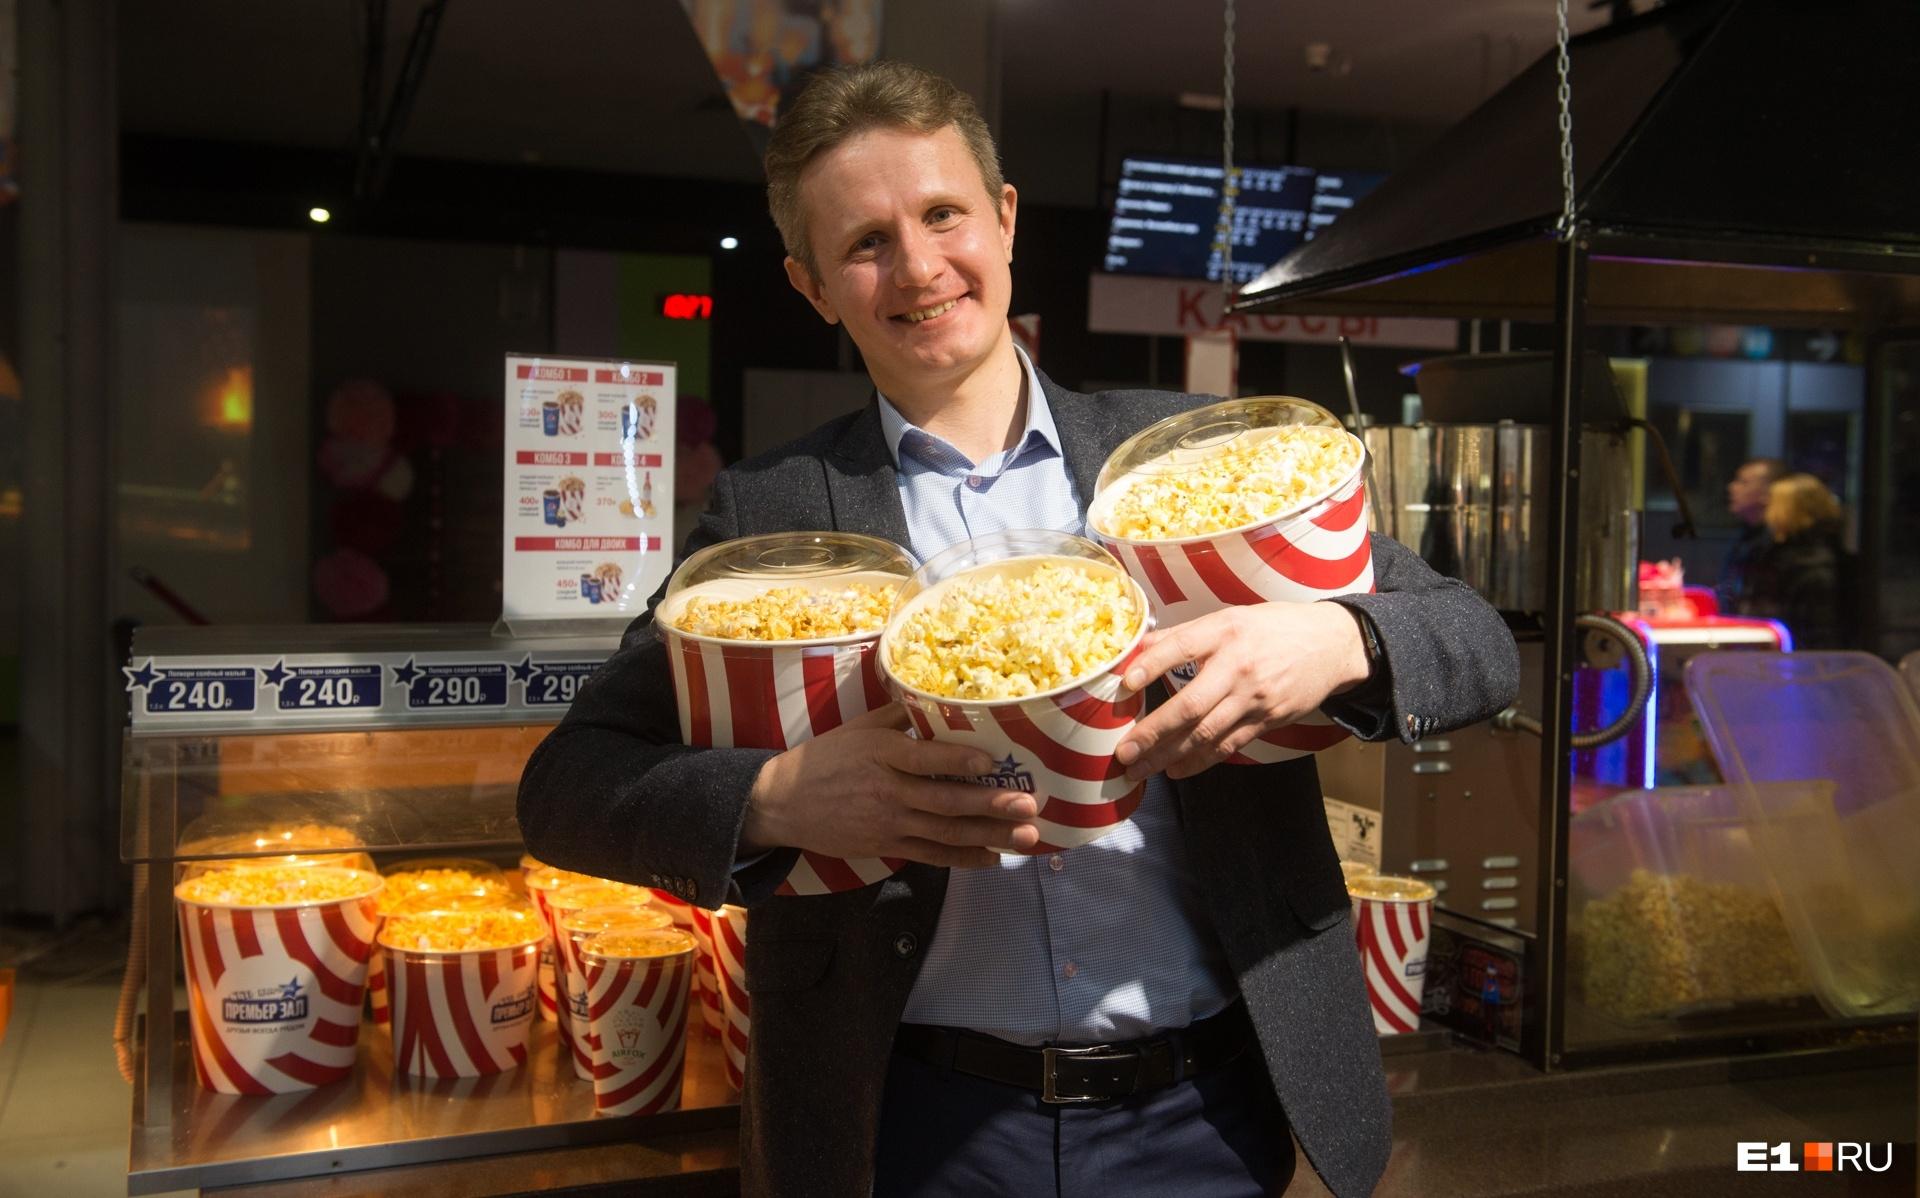 Основную долю в чистой прибыли кинотеатра занимает попкорн